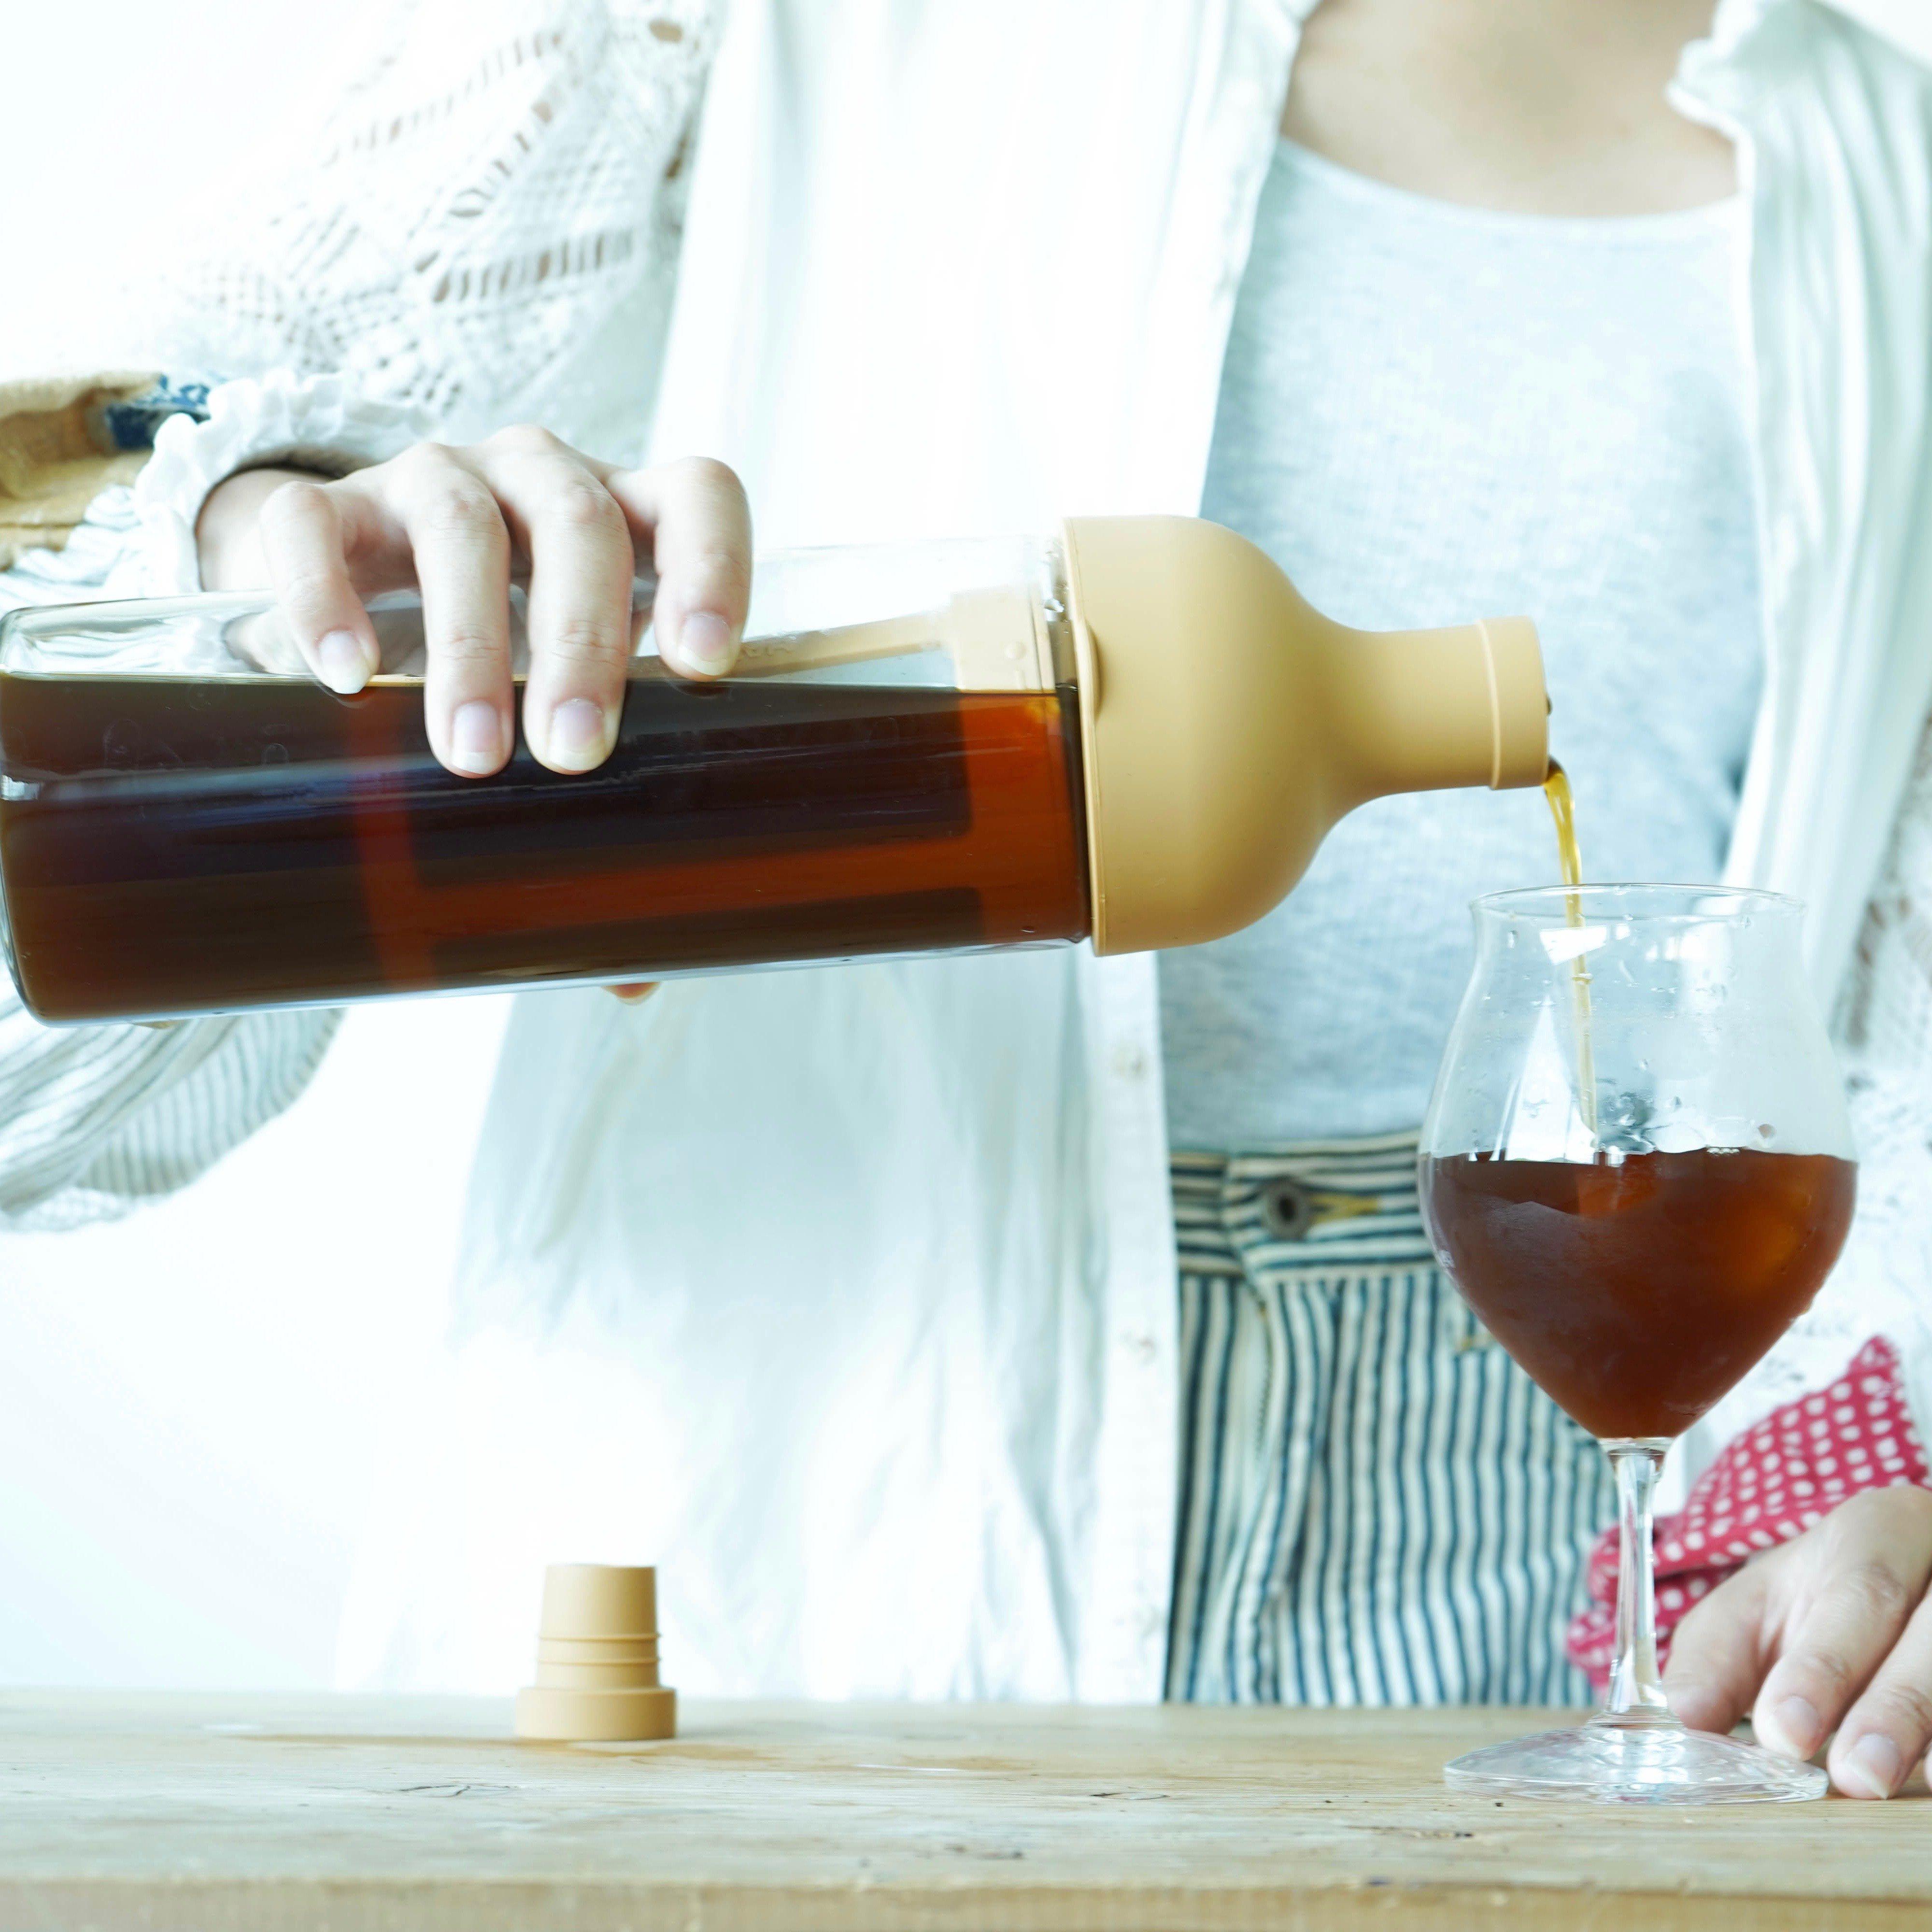 さあ、夏の支度をはじめよう     ワインボトル型のスタイリッシュな水出しボトルと、アイスコーヒーにオススメの夏限定ブレンド「琥珀のしずく」を一緒にお届けします。 夏に気軽に美味しく楽しめるコーヒーのセットです。  ちょっと特別な水出しコーヒーを。  【スタッフからの一言】 朝起きたら、コーヒーが待っていてくれるって幸せですよね。 この水出しボトルはそんな贅沢を叶えてくれます。 美味しいアイスコーヒーが出迎えてくれる夏の朝。ちょっとワクワクしますね。    〜水出しレシピ〜  浄水と粉の割合は10:1  ストレーナーにコーヒー粉を入れ、フタをして注ぎ口にセットしたら少量ずつ水を注ぎます。 水を注ぎ終えたら栓をして、ボトルをゆっくり左右に振って抽出を促します。 冷蔵庫で8時間程抽出してできあがりです。   MAMEBACO店長 〜おすすめアイスコーヒーレシピ〜  水ではなくお湯をかけてホットコーヒーを作り 冷ましてアイスコーヒーにするのもオススメです。 その場合は、700mlのお湯に40gの粉を入れたストレーナーを4分間浸けます。 4分後ボトルを左右にふって抽出を促します。(熱いのでタオルなどをお使い下さい)  最後にストレーナーを外して、粗熱を取り、冷蔵庫で冷やしたら完成です。 耐熱ボトルだからできるアイスコーヒーレシピです。  【内容】 ➀HARIO フィルターインコーヒーボトル 1本 ②アイスブレンド「琥珀のしずく」150g  【商品について】 ➀ カラー        :モカ   サイズ(mm)     : 幅 87 × 奥行 84 × 高 300   出来上がり容量    :650ml 材質 本体      :耐熱ガラス  注口 栓       :シリコーンゴム  ストレーナーフレーム :ポリプロピレン メッシュ       :ポリエステル   原産国        :日本   耐熱、食洗機OK    ②琥珀のしずく タビノネがアイスでオススメのブレンドに仕立てあげました。 柔らかい口当たり、胡桃のような香ばしい風味。 サクランボのような優しい甘さが広がります。 最後の一滴まで甘い、アイスコーヒーにもおすすめの季節限定ブレンド  焙煎度 フルシティロースト(深煎り)